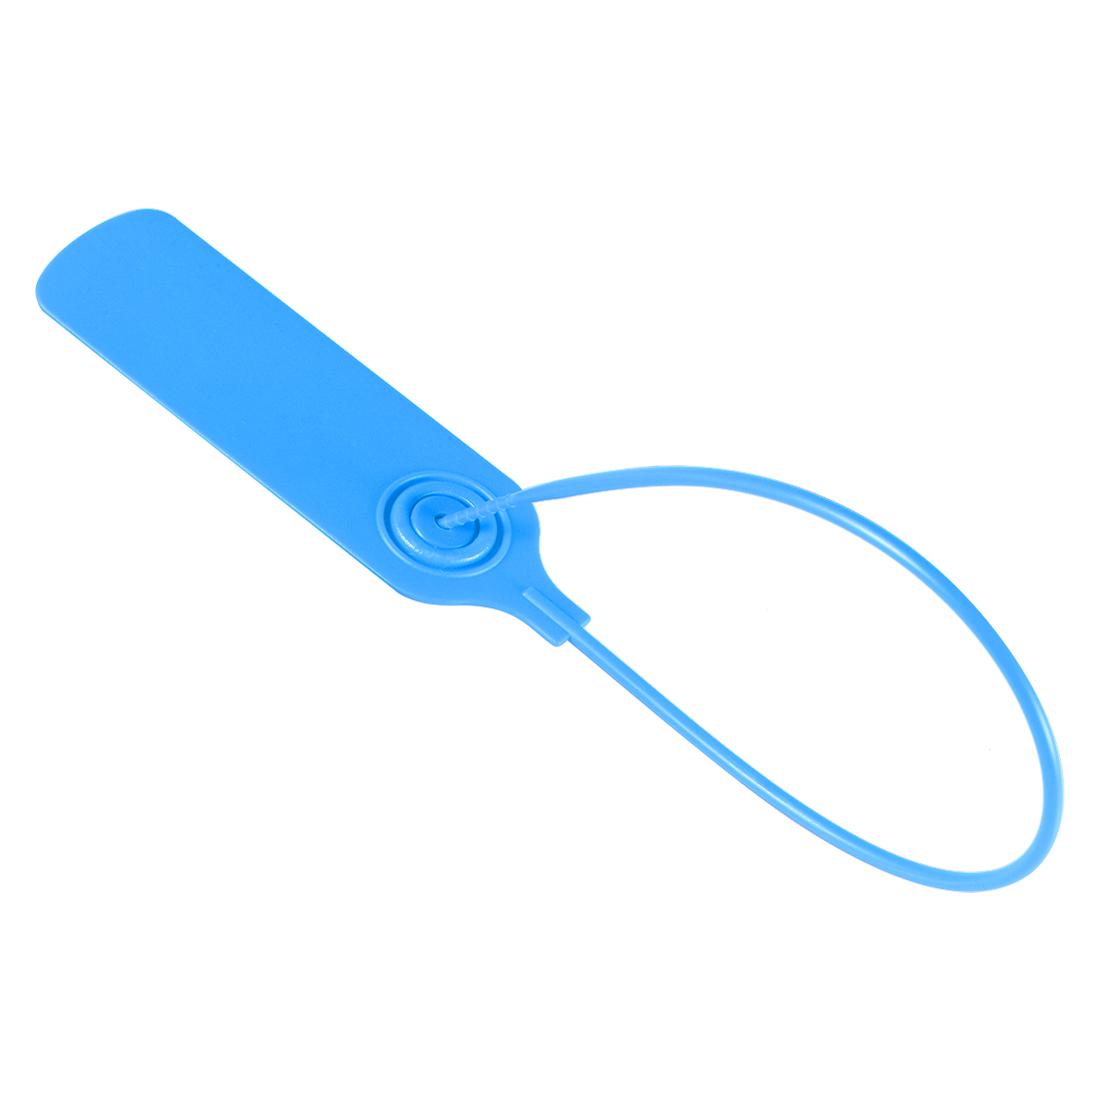 Plastic Zip Ties Seals Anti-Tamper 300mm Length, Blue, Pack of 20